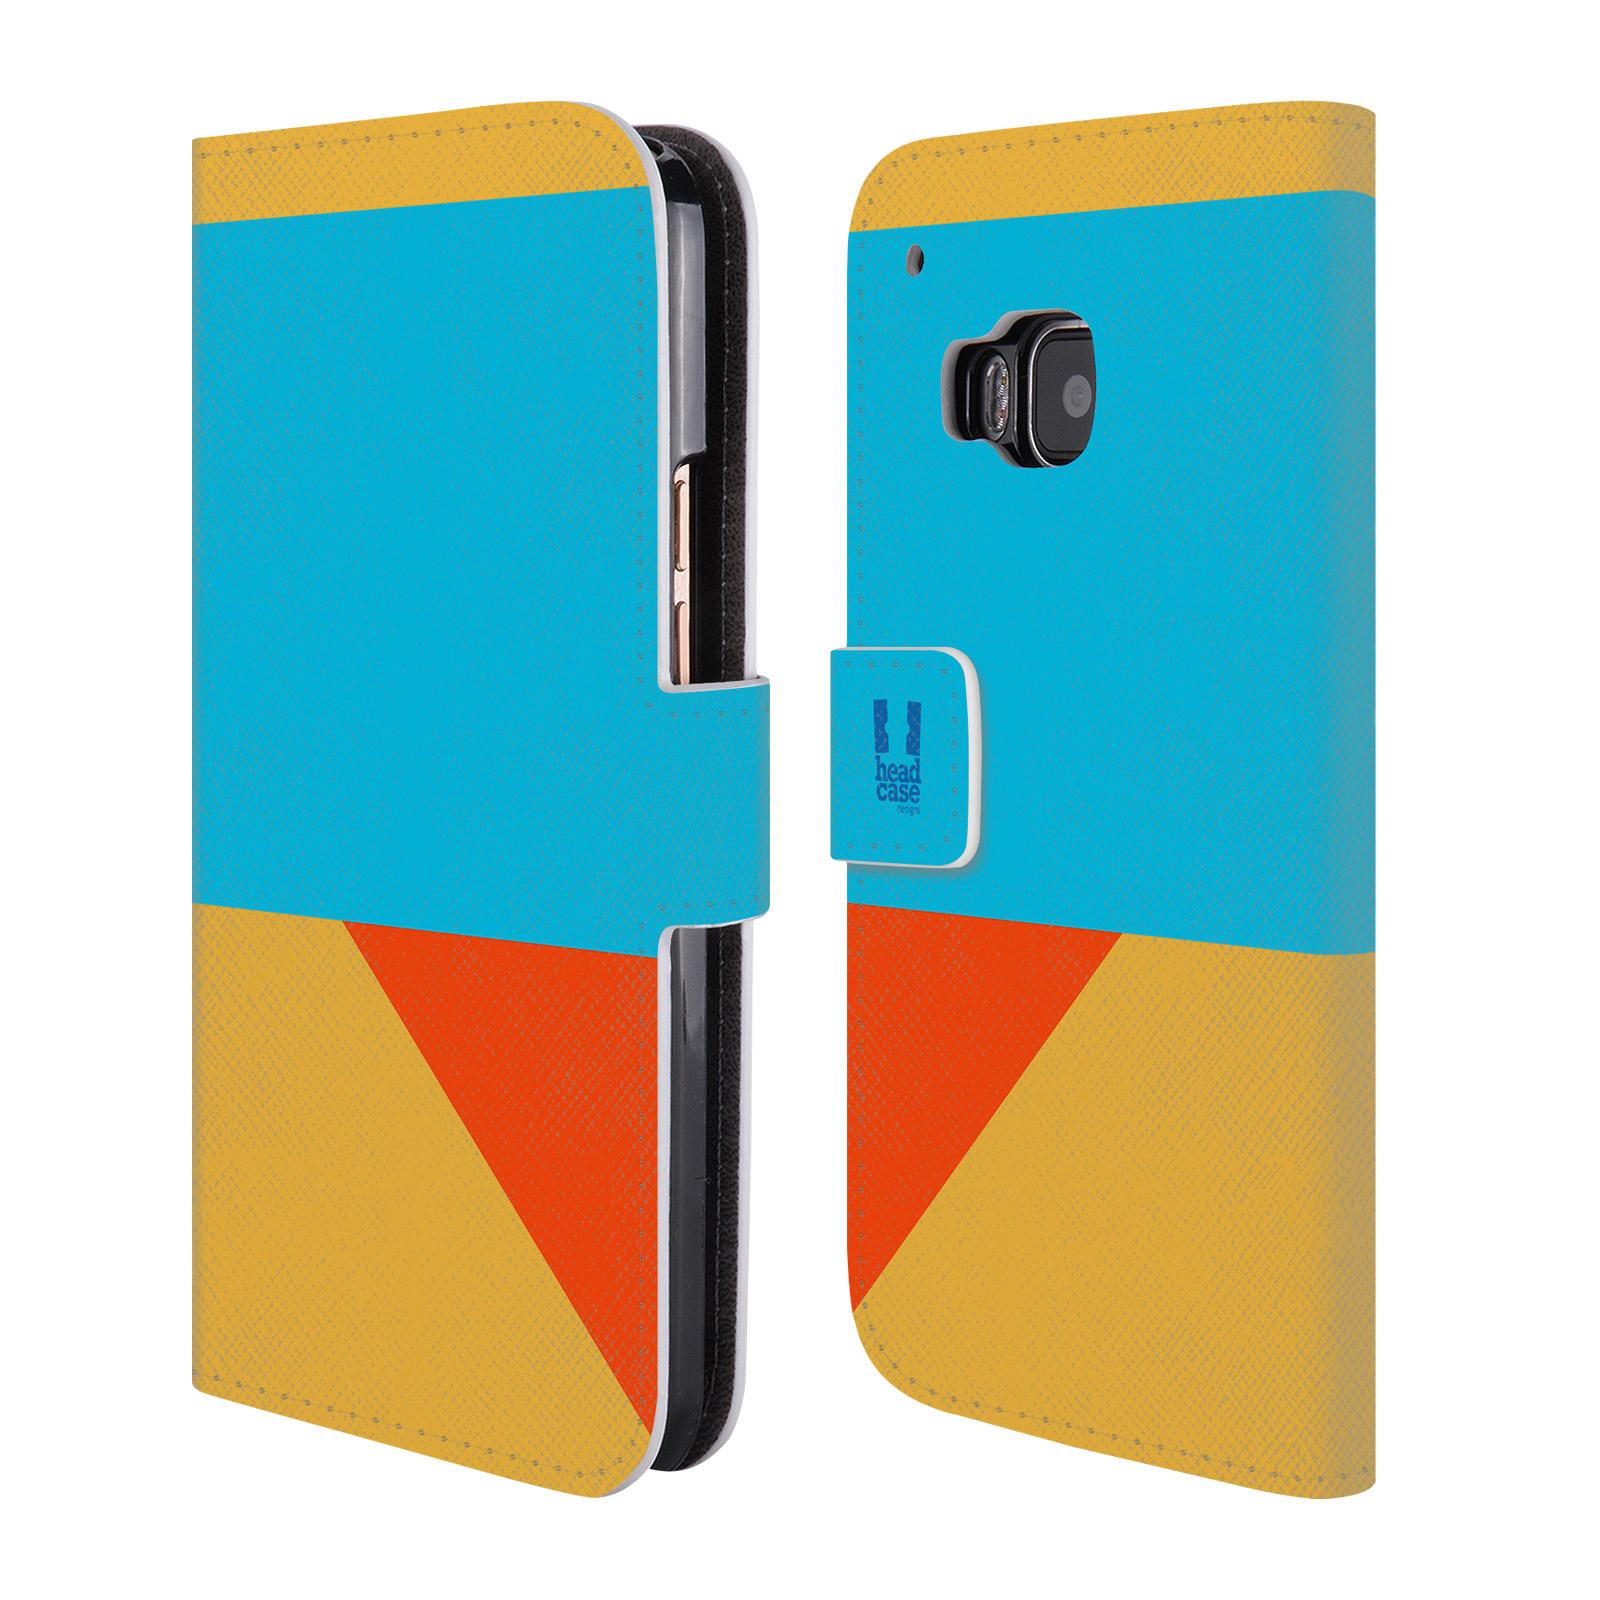 HEAD CASE Flipové pouzdro pro mobil HTC ONE M9 barevné tvary béžová a modrá DAY WEAR